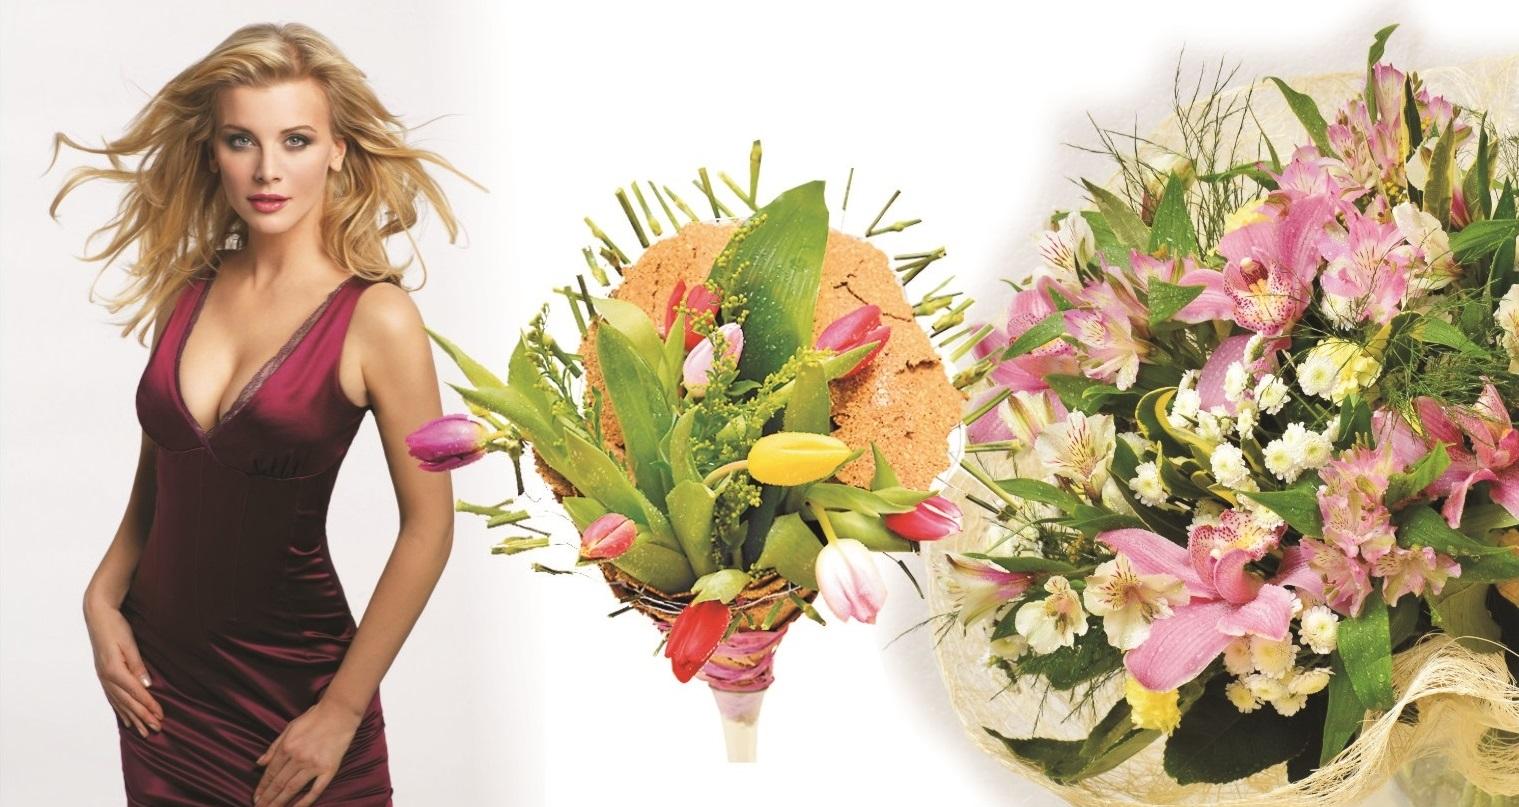 Купить цветы в сыктывкаре мича краснодар купить рассаду, кусты, цветы, озеленение дача